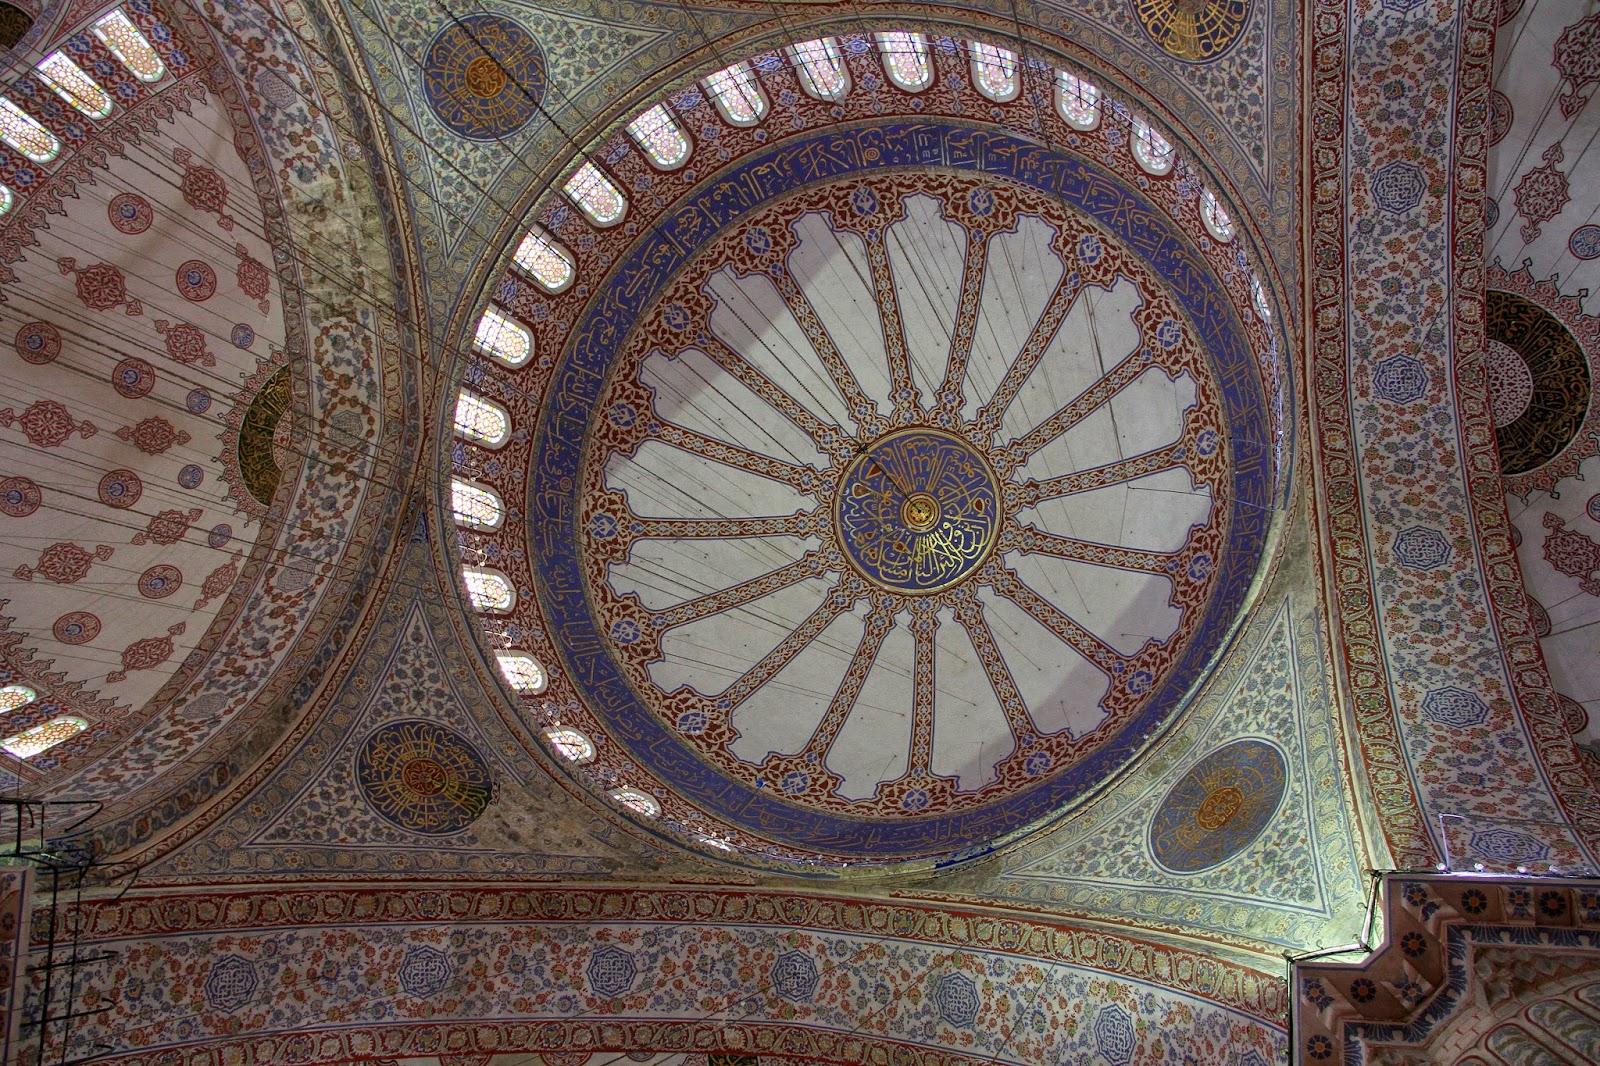 архитектура стамбула